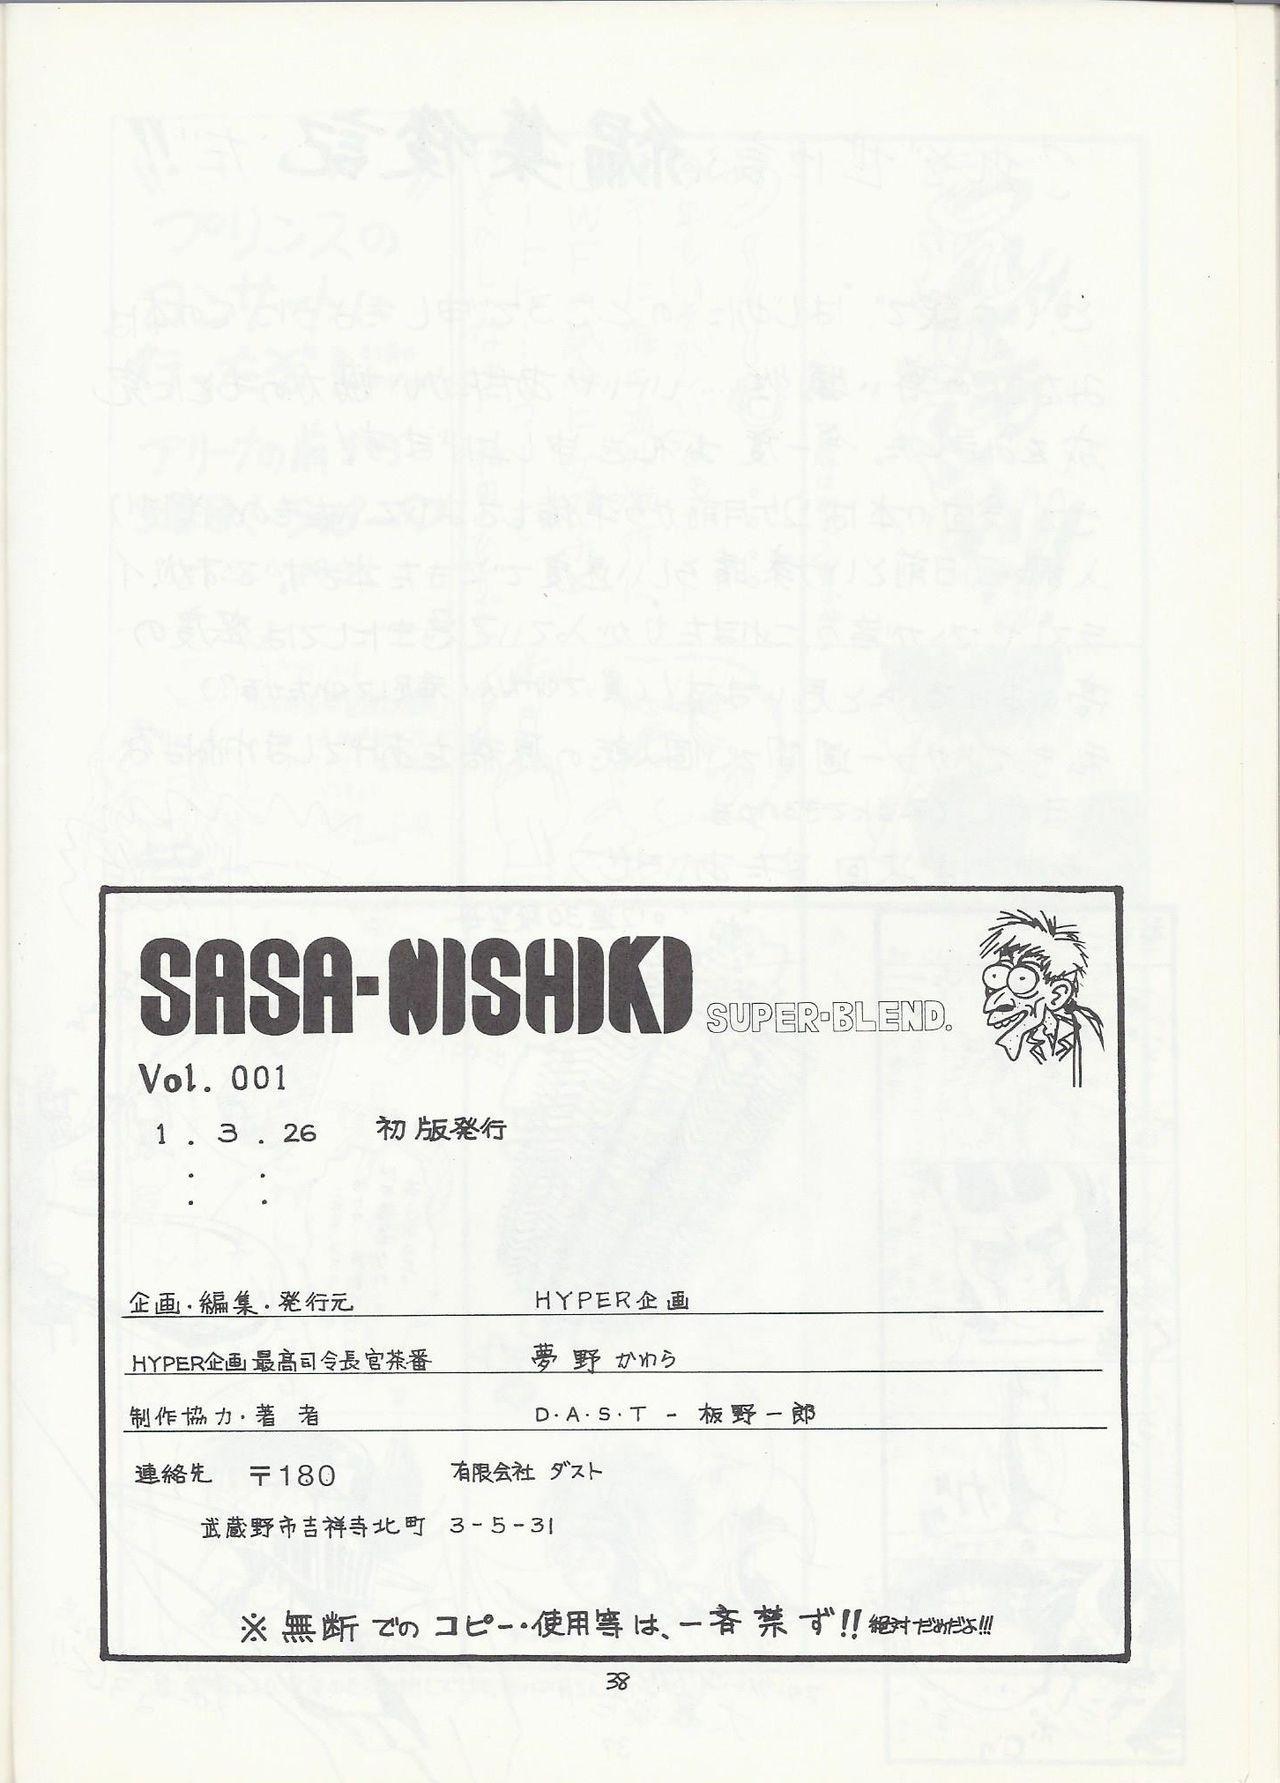 Studio DAST - SASA-NISHIKI SUPER-BLEND. 001. 37